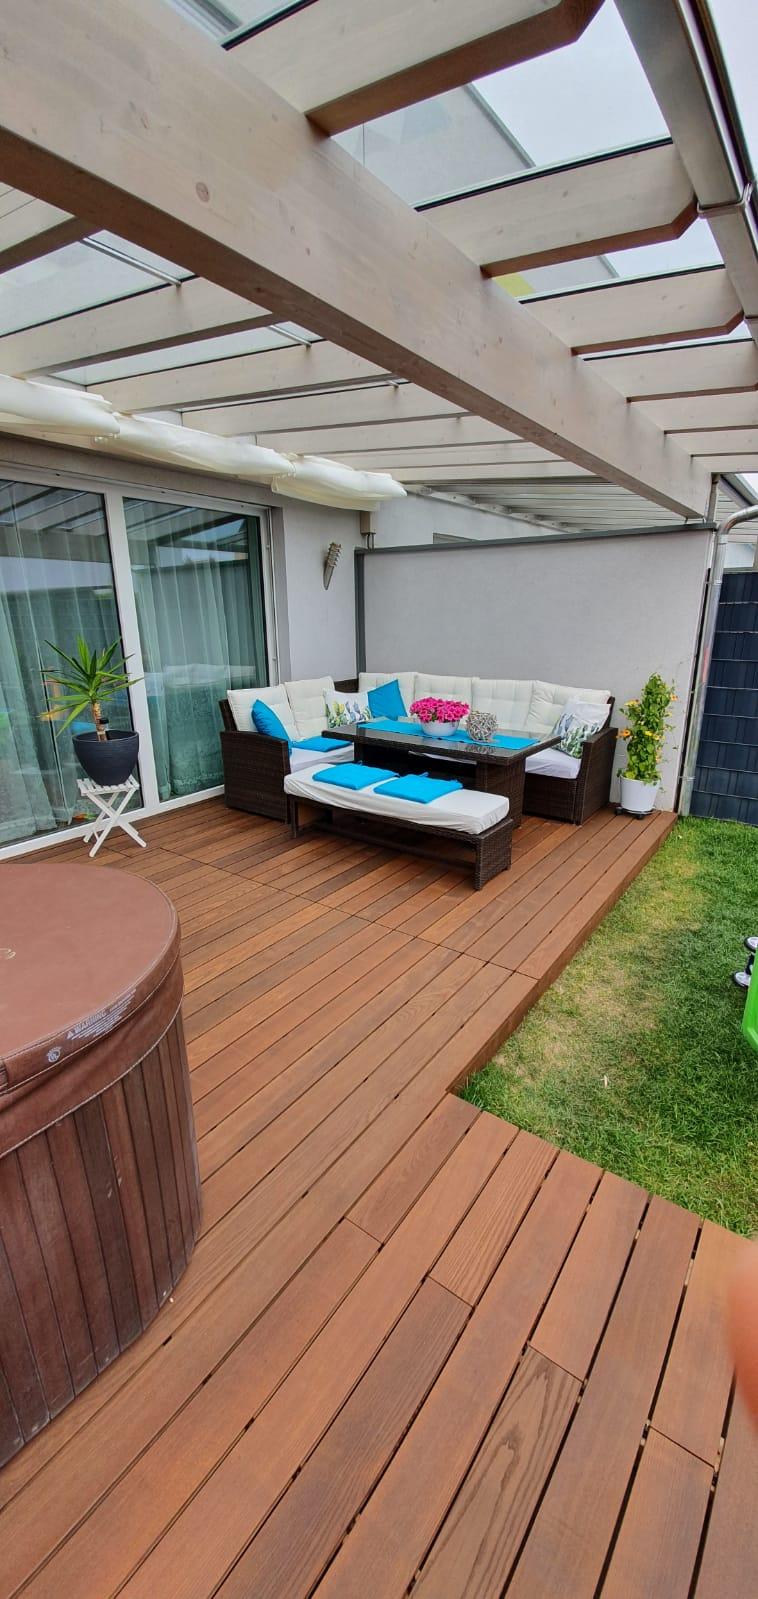 Terrassenüberdachung mit Glaseindeckung und Terrasse mit Thermo-Esche Dielen gebürstet